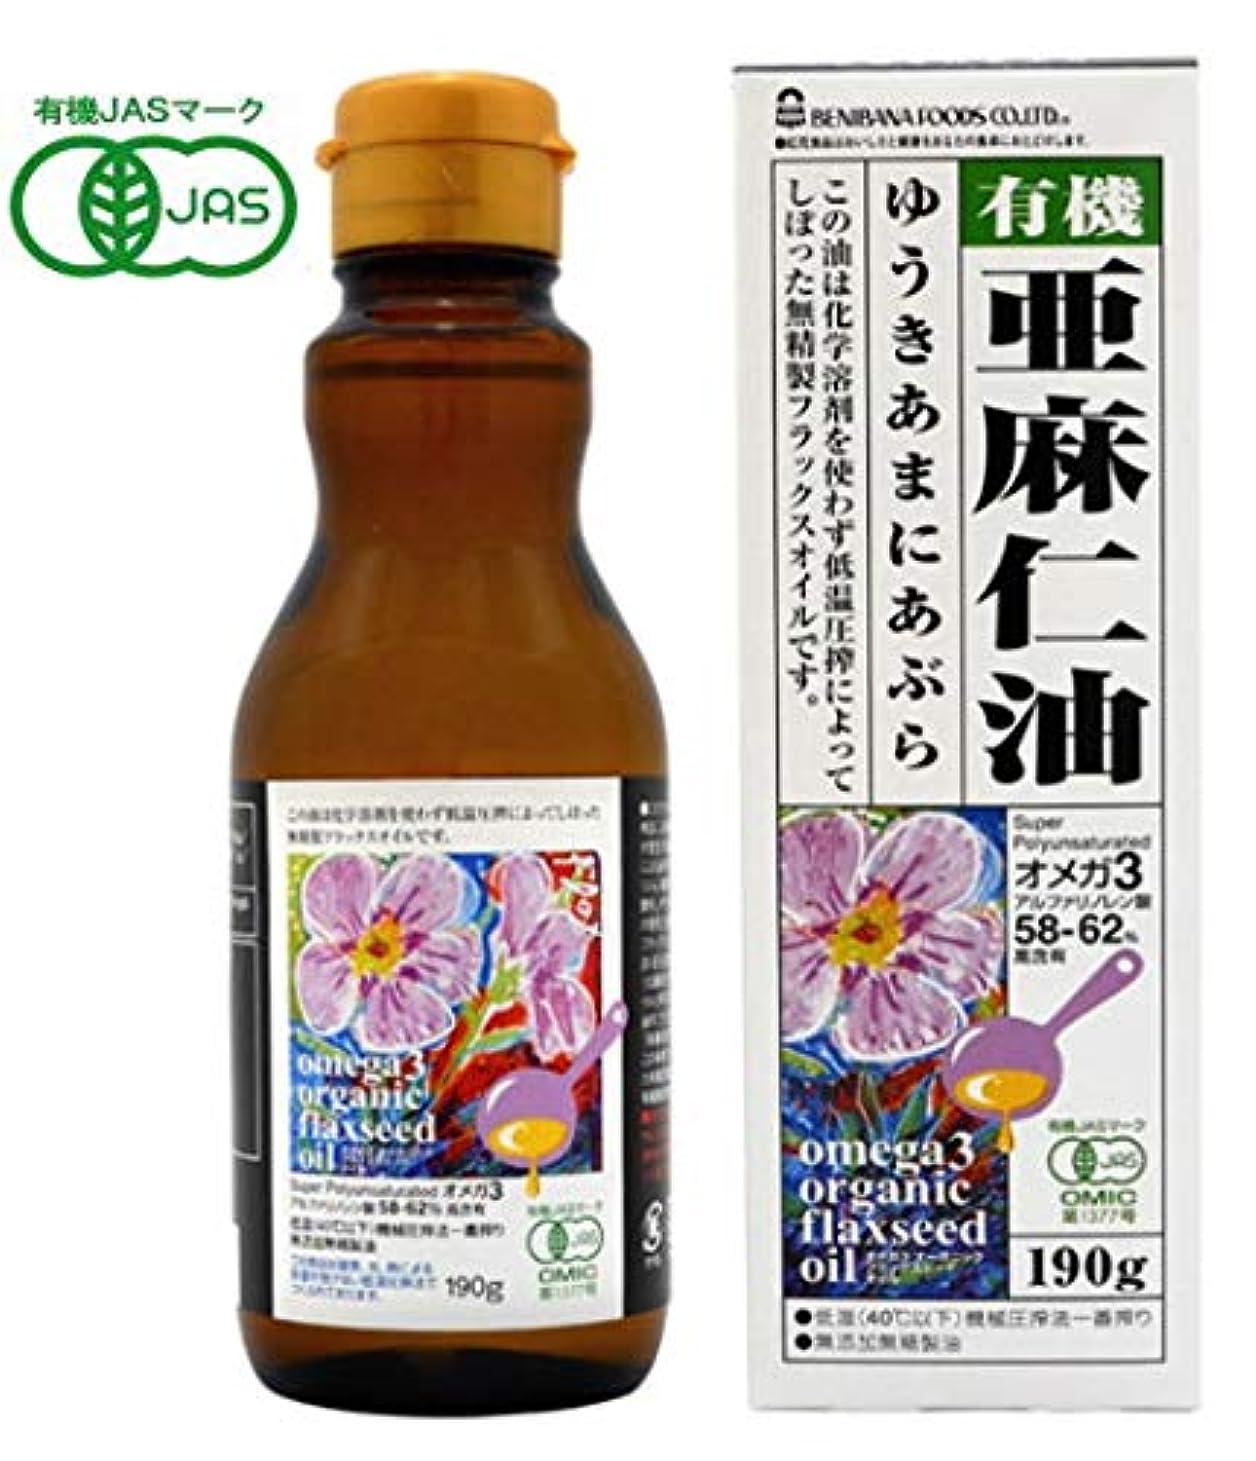 起こる魅力的であることへのアピールばかげている紅花食品 有機亜麻仁油(オーガニックフラックスシードオイル)190g×3本セット